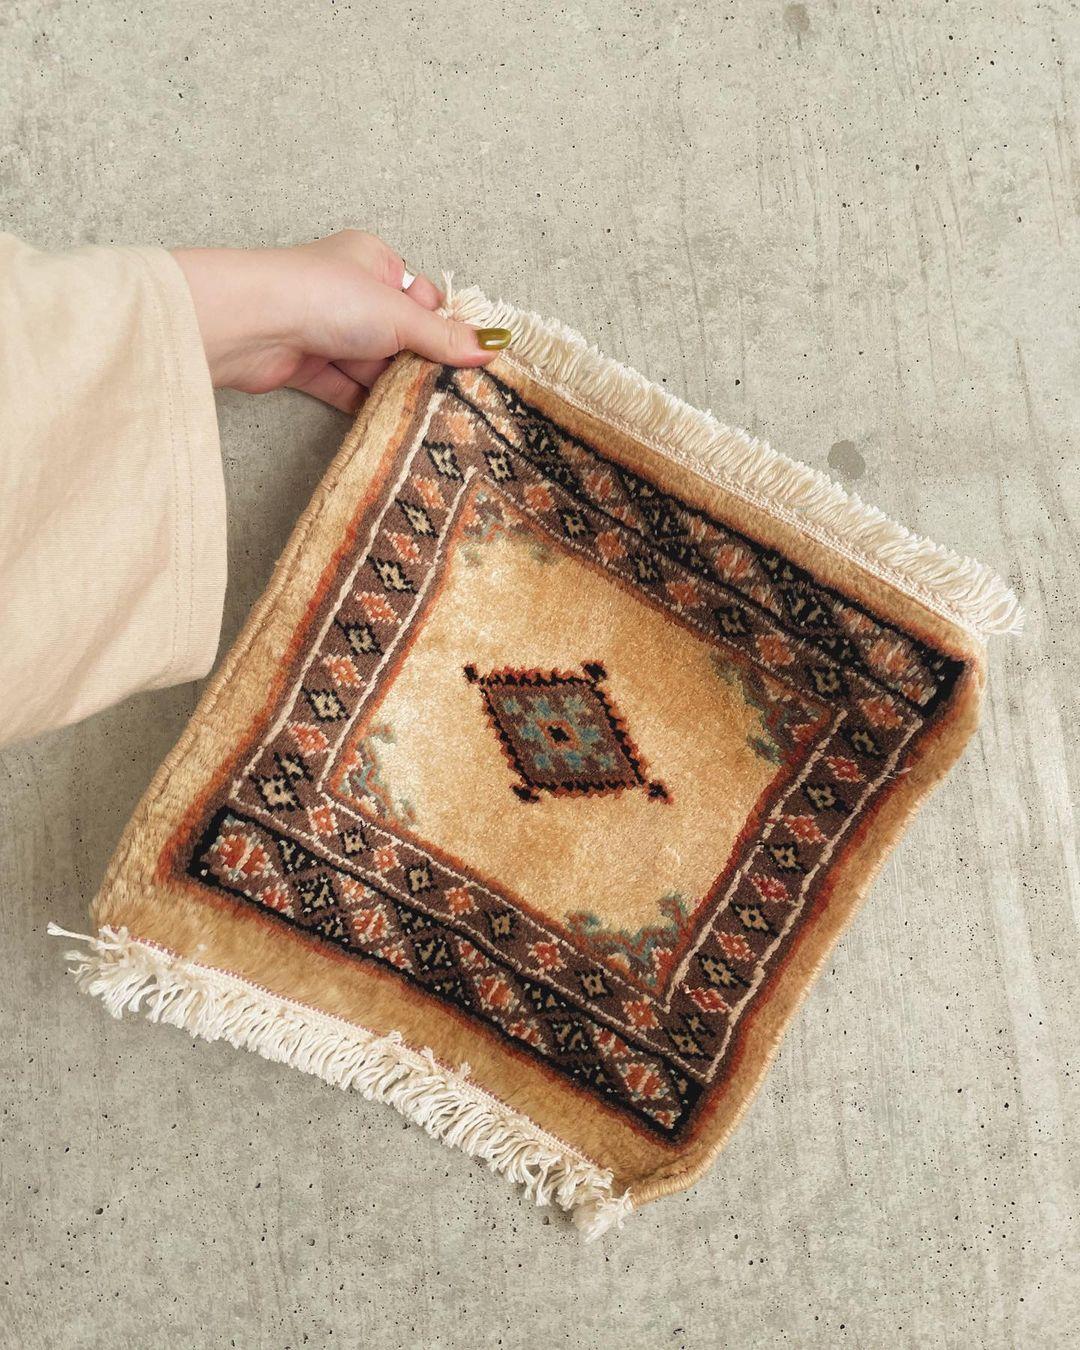 一点ものだからほかの人と被らずに自分だけの空間に。手織りの「トライバルラグ」でお部屋に個性を加えちゃう?